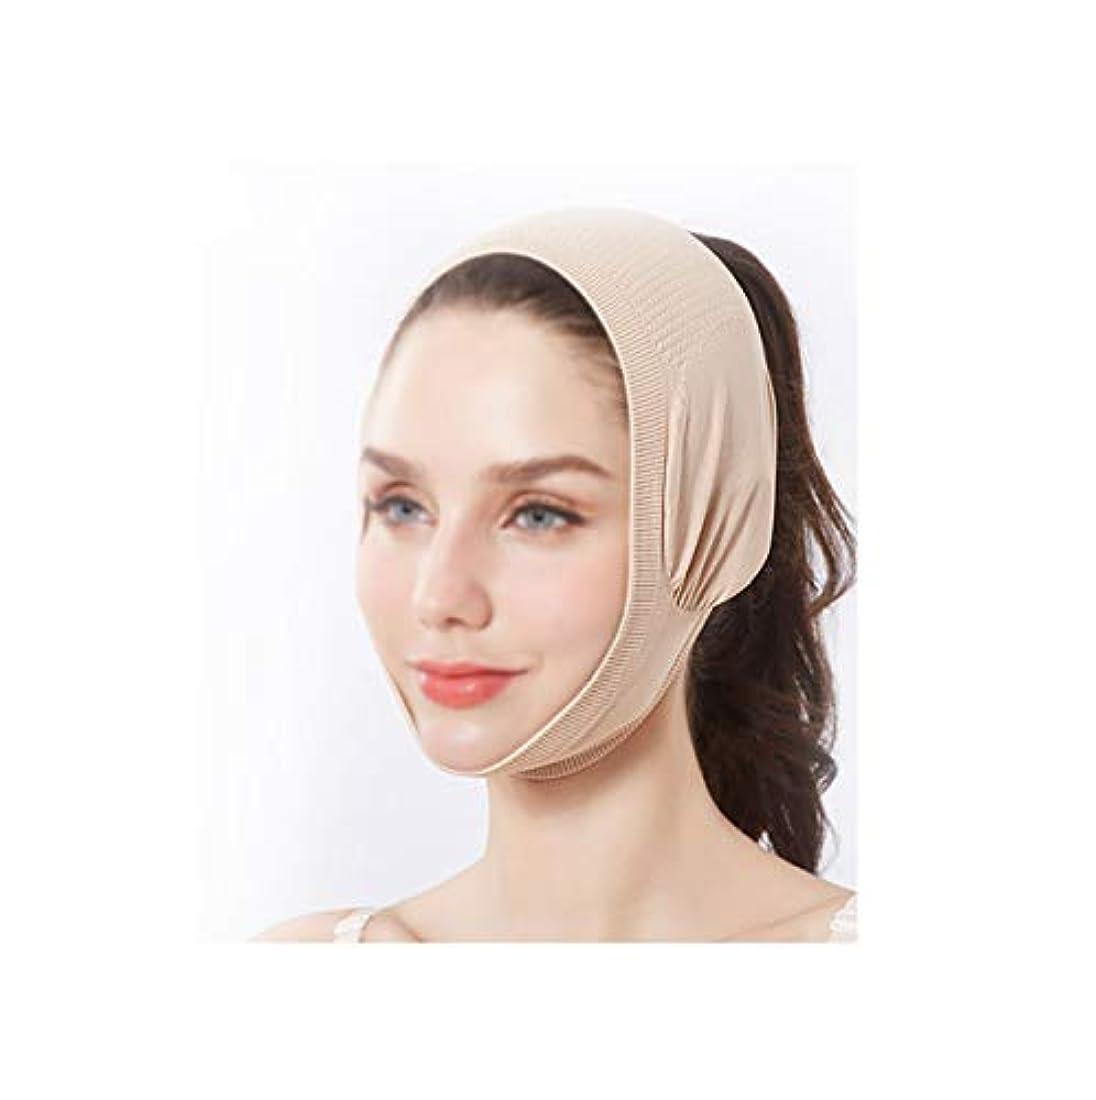 球体メタン露骨なTLMY フェイスリフトマスクマスクエクステンション強度フェースレス包帯フェイシャルラージVライン彫刻フェイシャルバックカバーネックバンド 顔用整形マスク (Color : Skin tone)